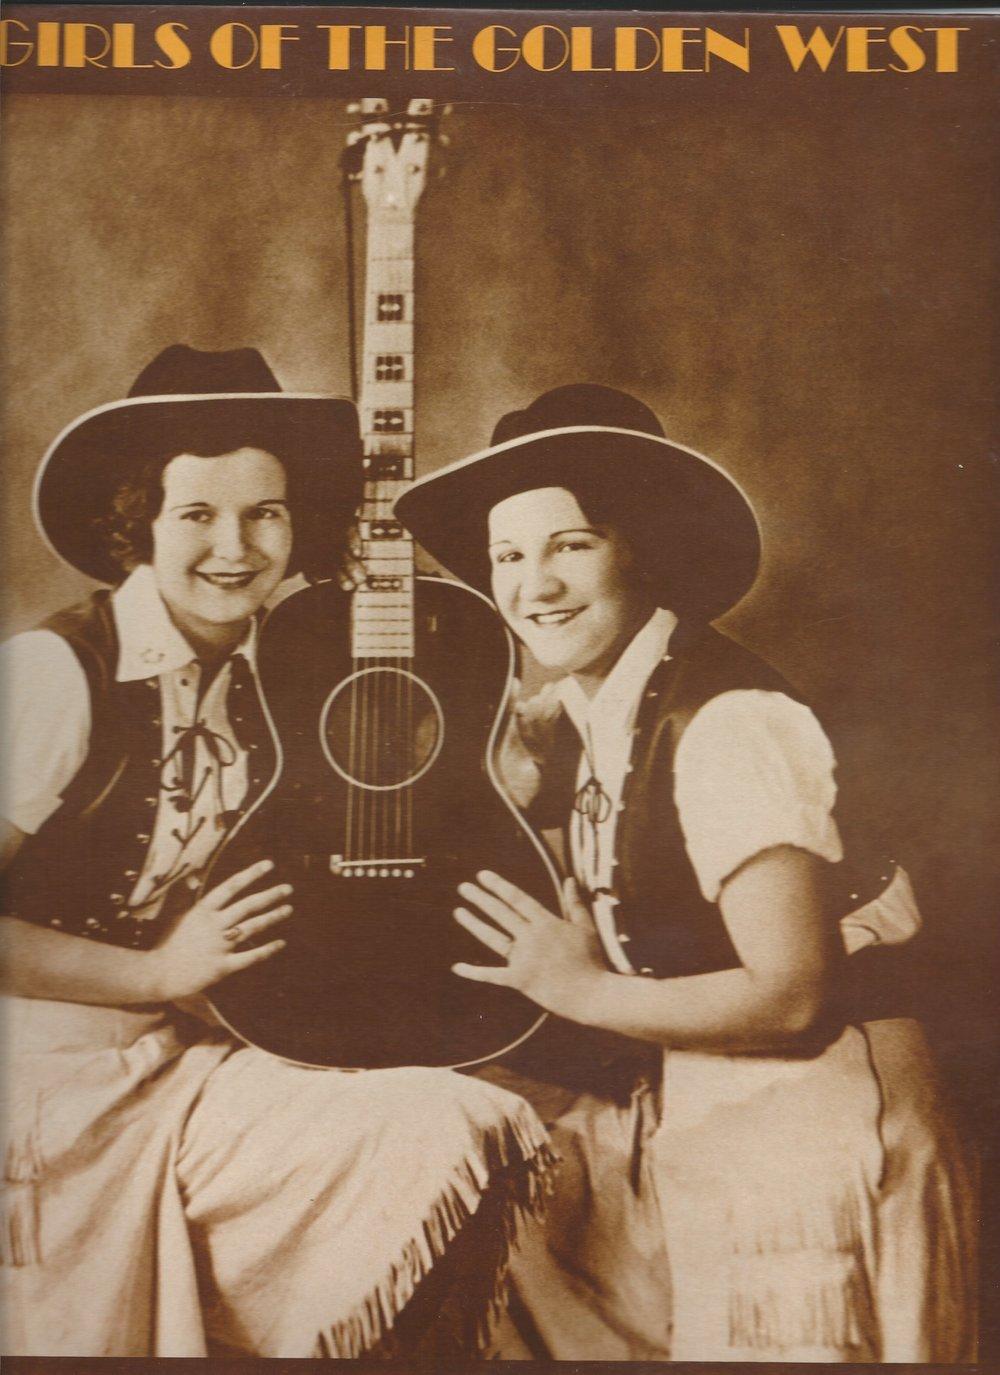 girls of the golden west.jpeg